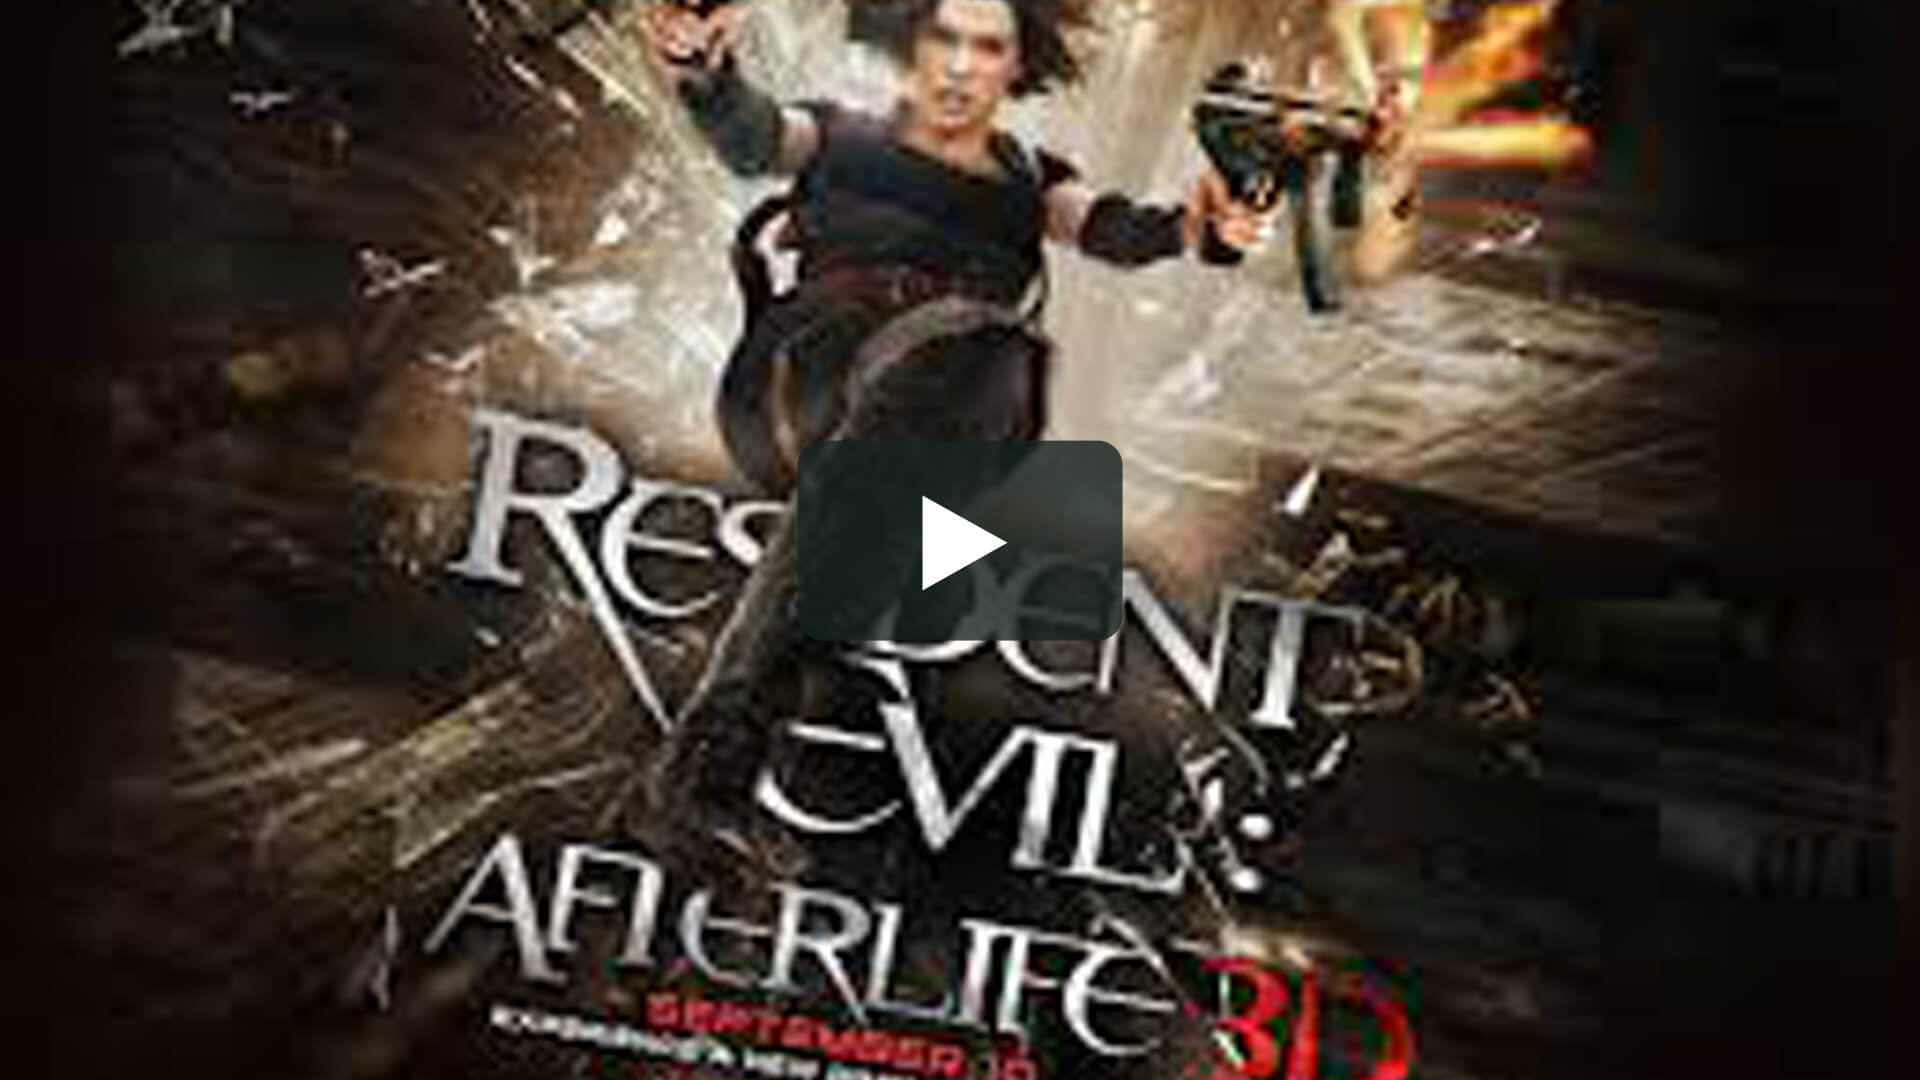 Resident Evil IV : Afterlife - 生化危機4:戰神再生